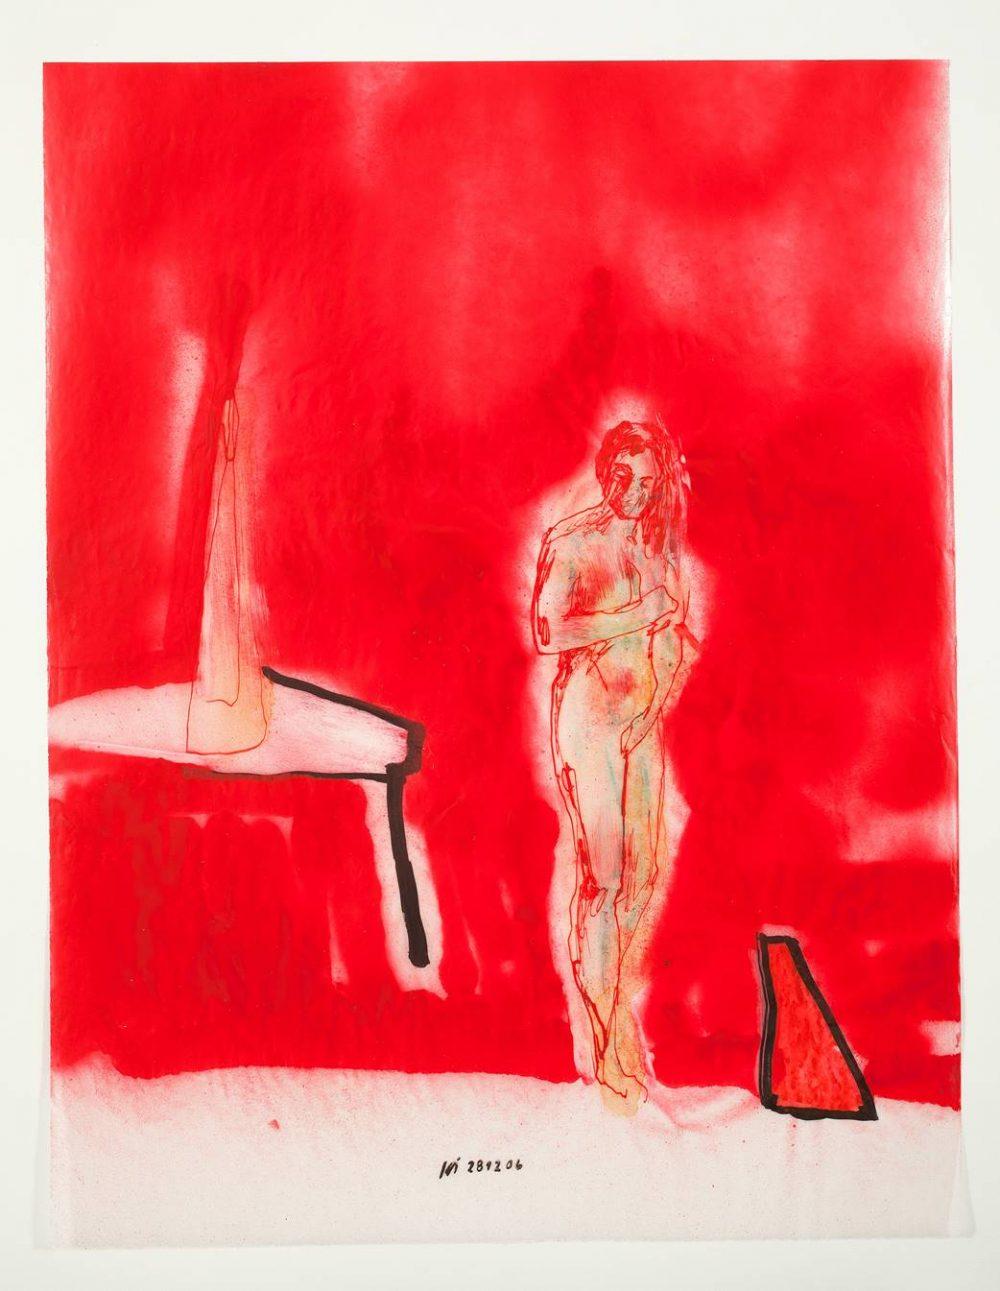 For Kjell Torriset er tegningen den direkte forbindelsen fra kroppens erfaringer via hjernen til kunstverket. Til utstillingen i Willas contemporary hadde han valgt fra et arkiv på mange tusen tegninger.